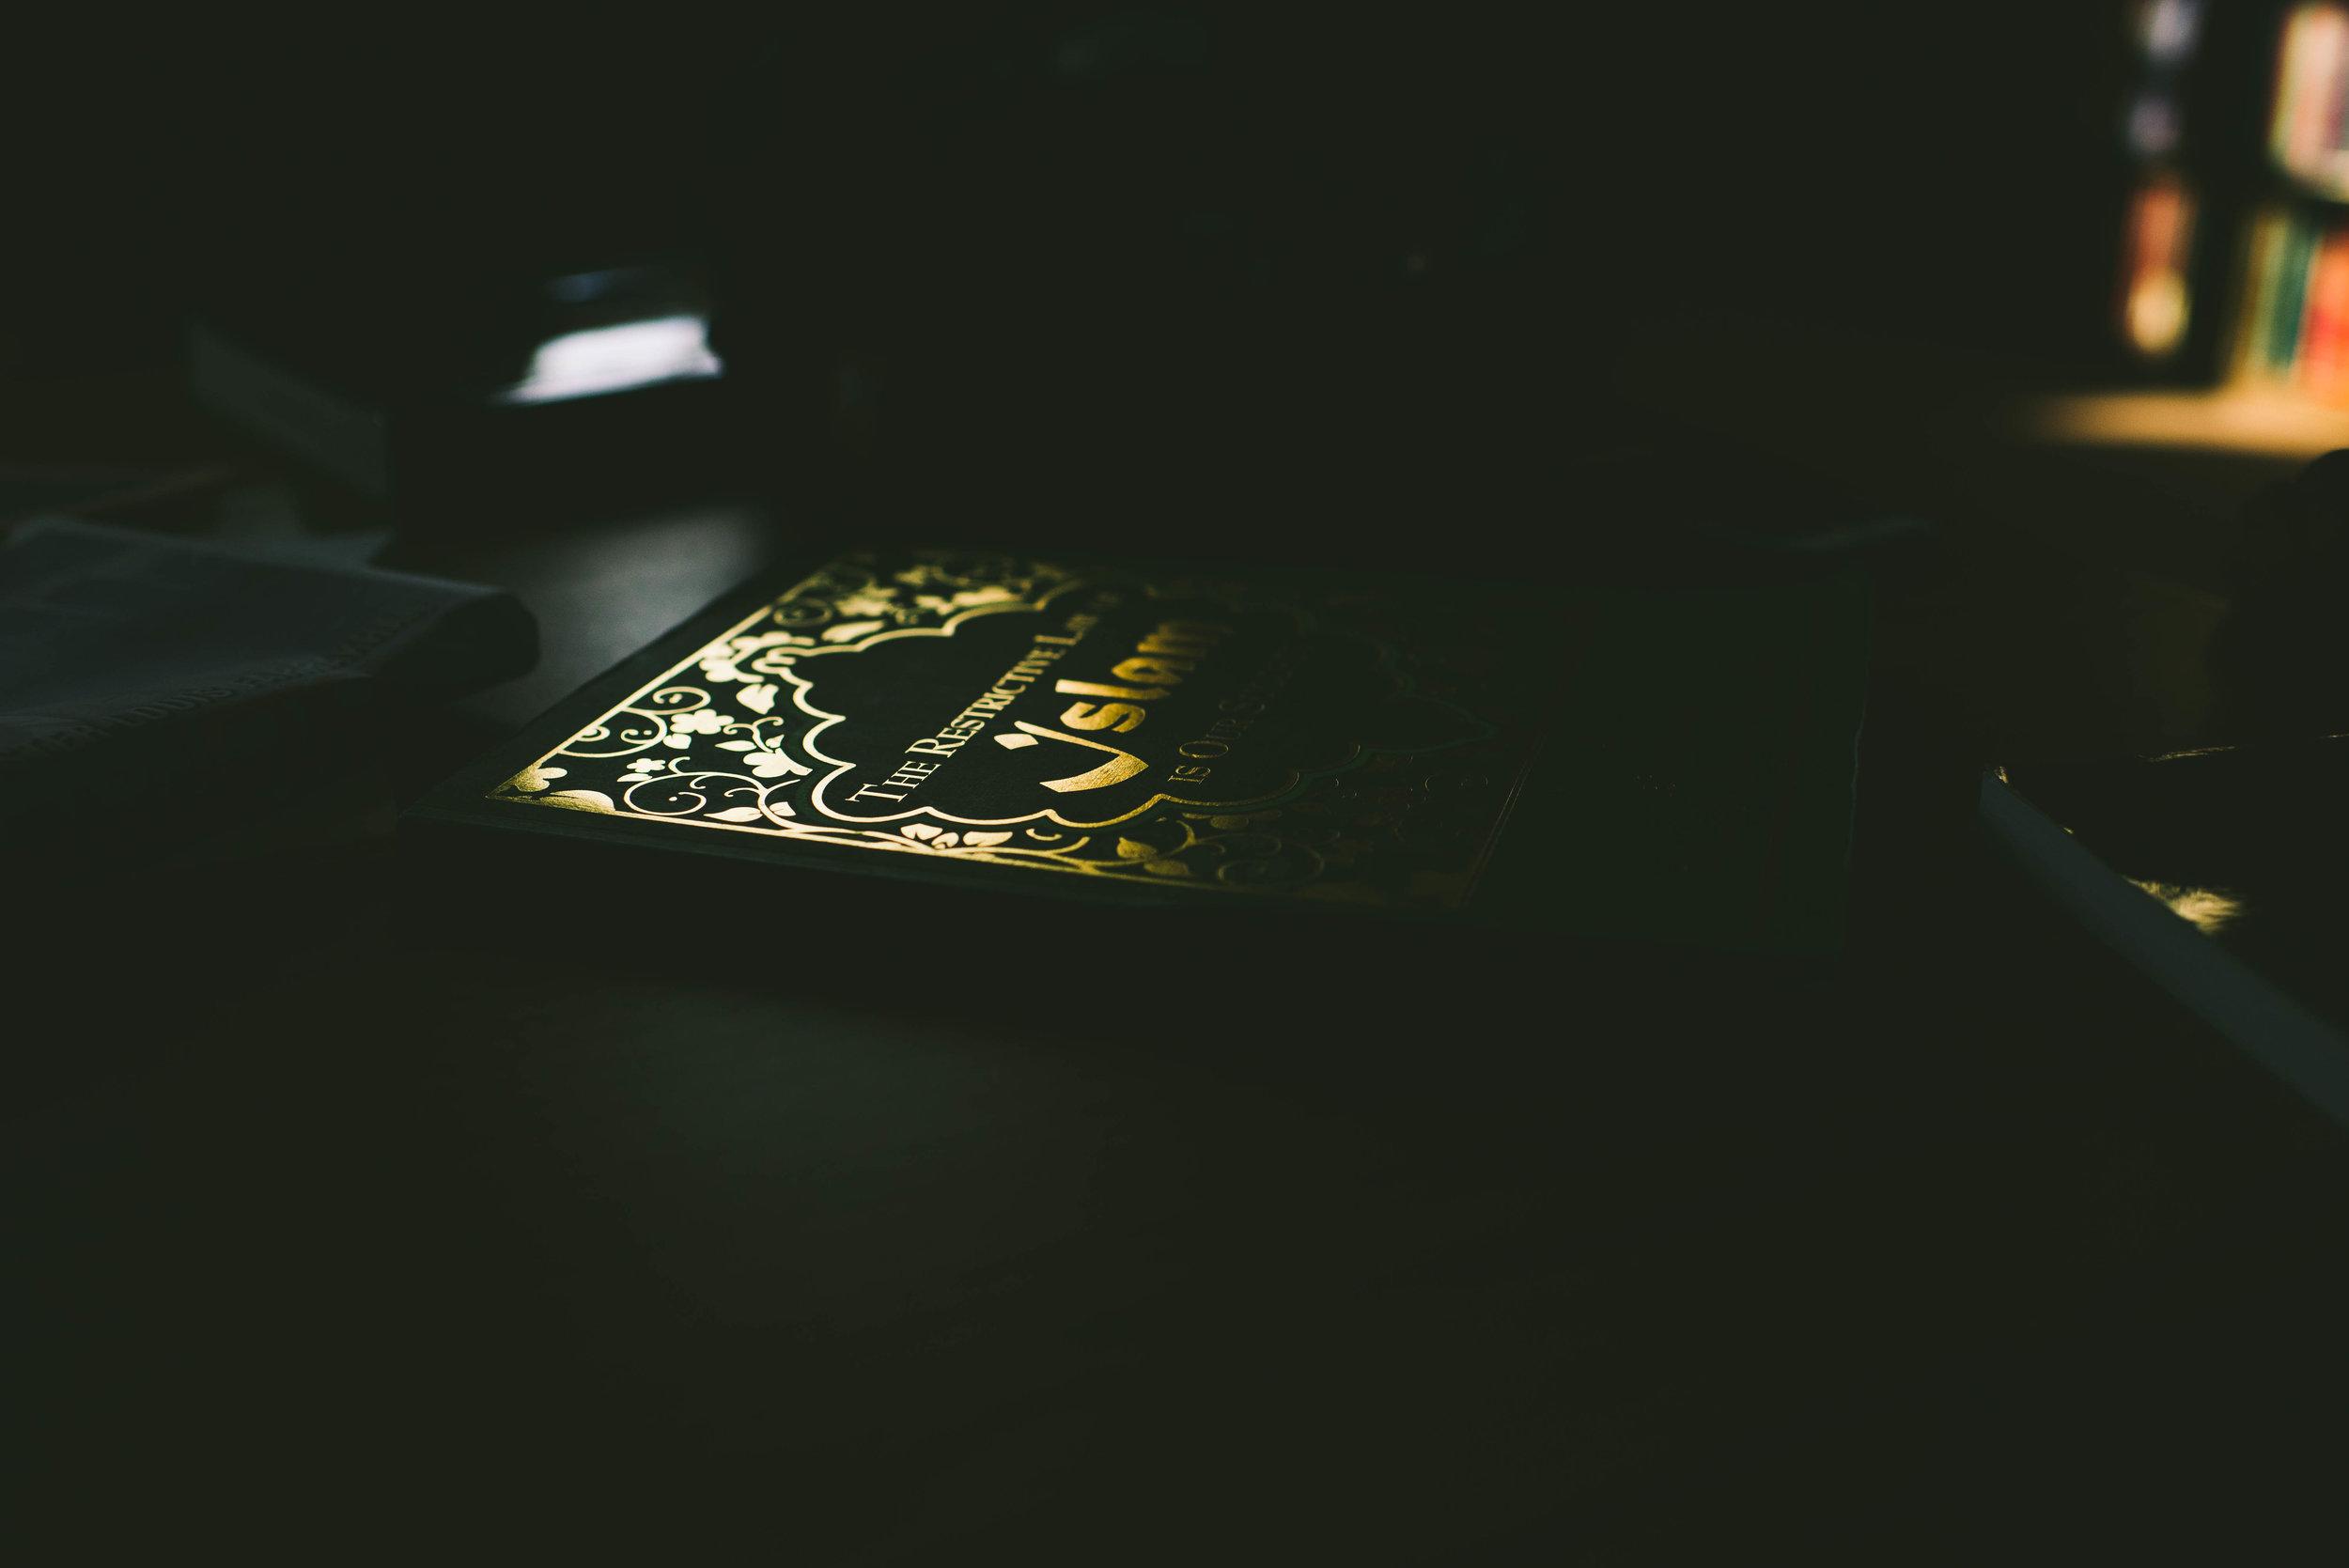 Milhouse__008.JPG